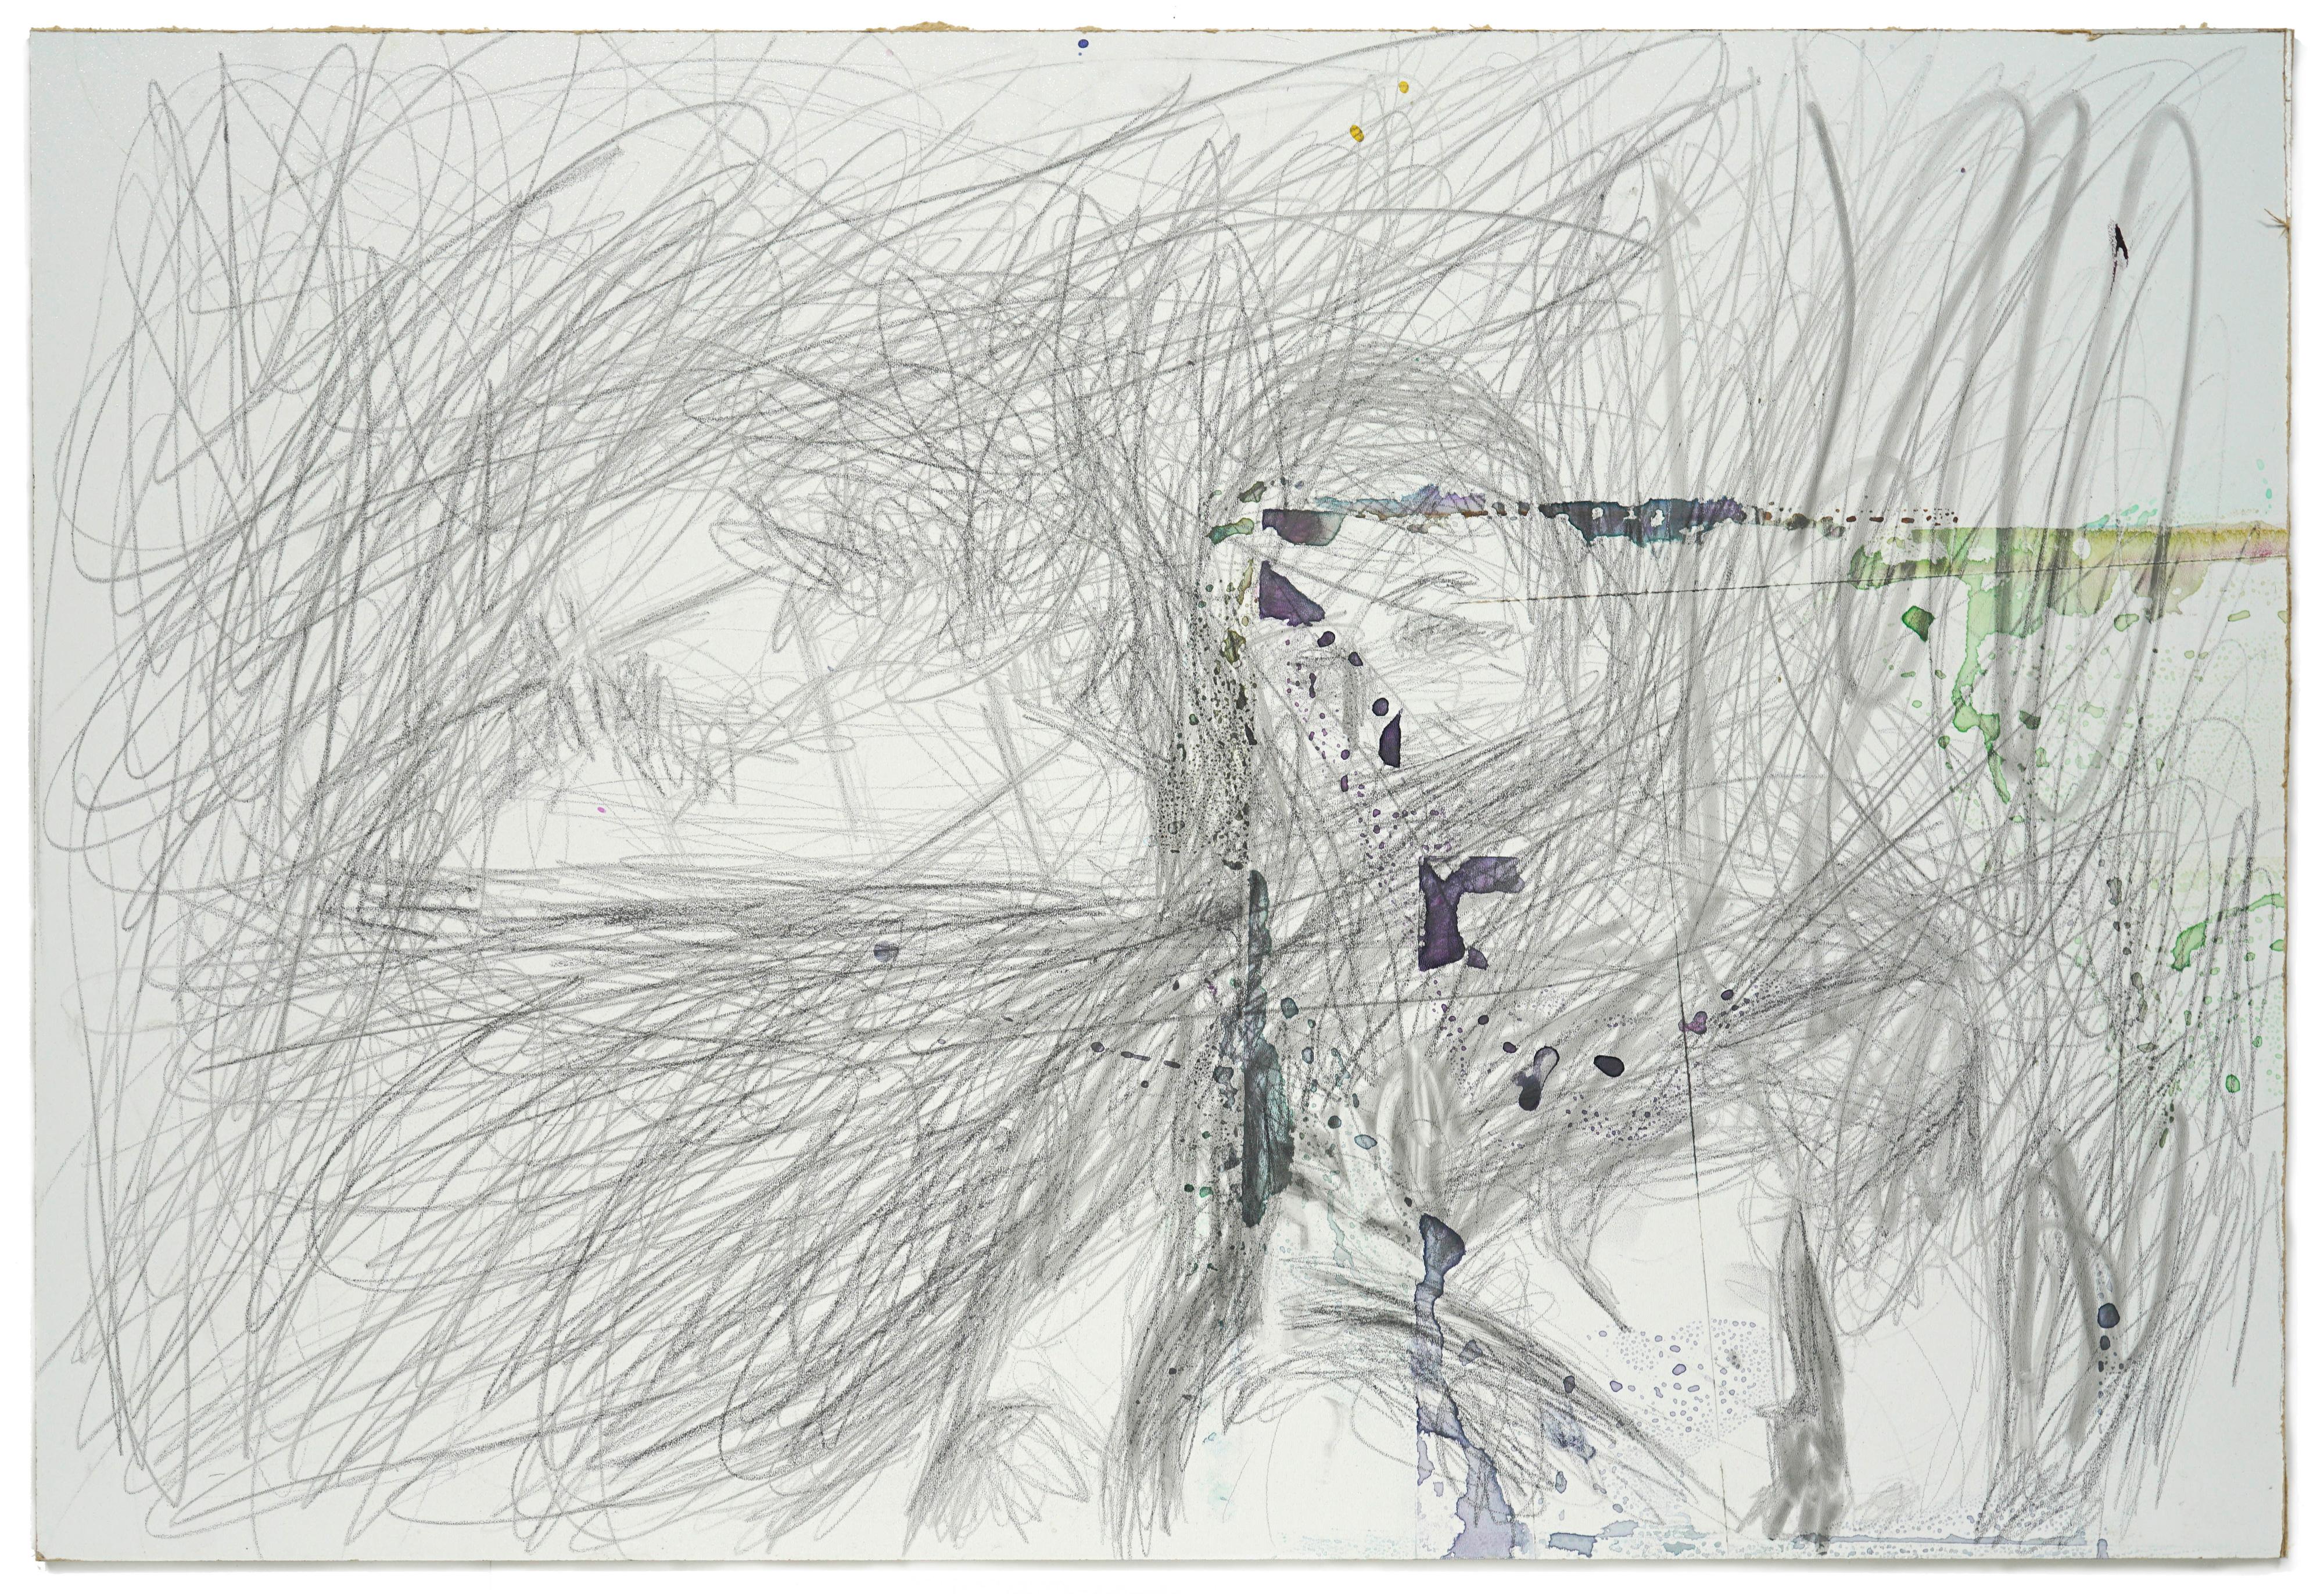 Galerie Barbara Thumm \ Martin Dammann – Exfreundin \ H Drawing 2a (2020)